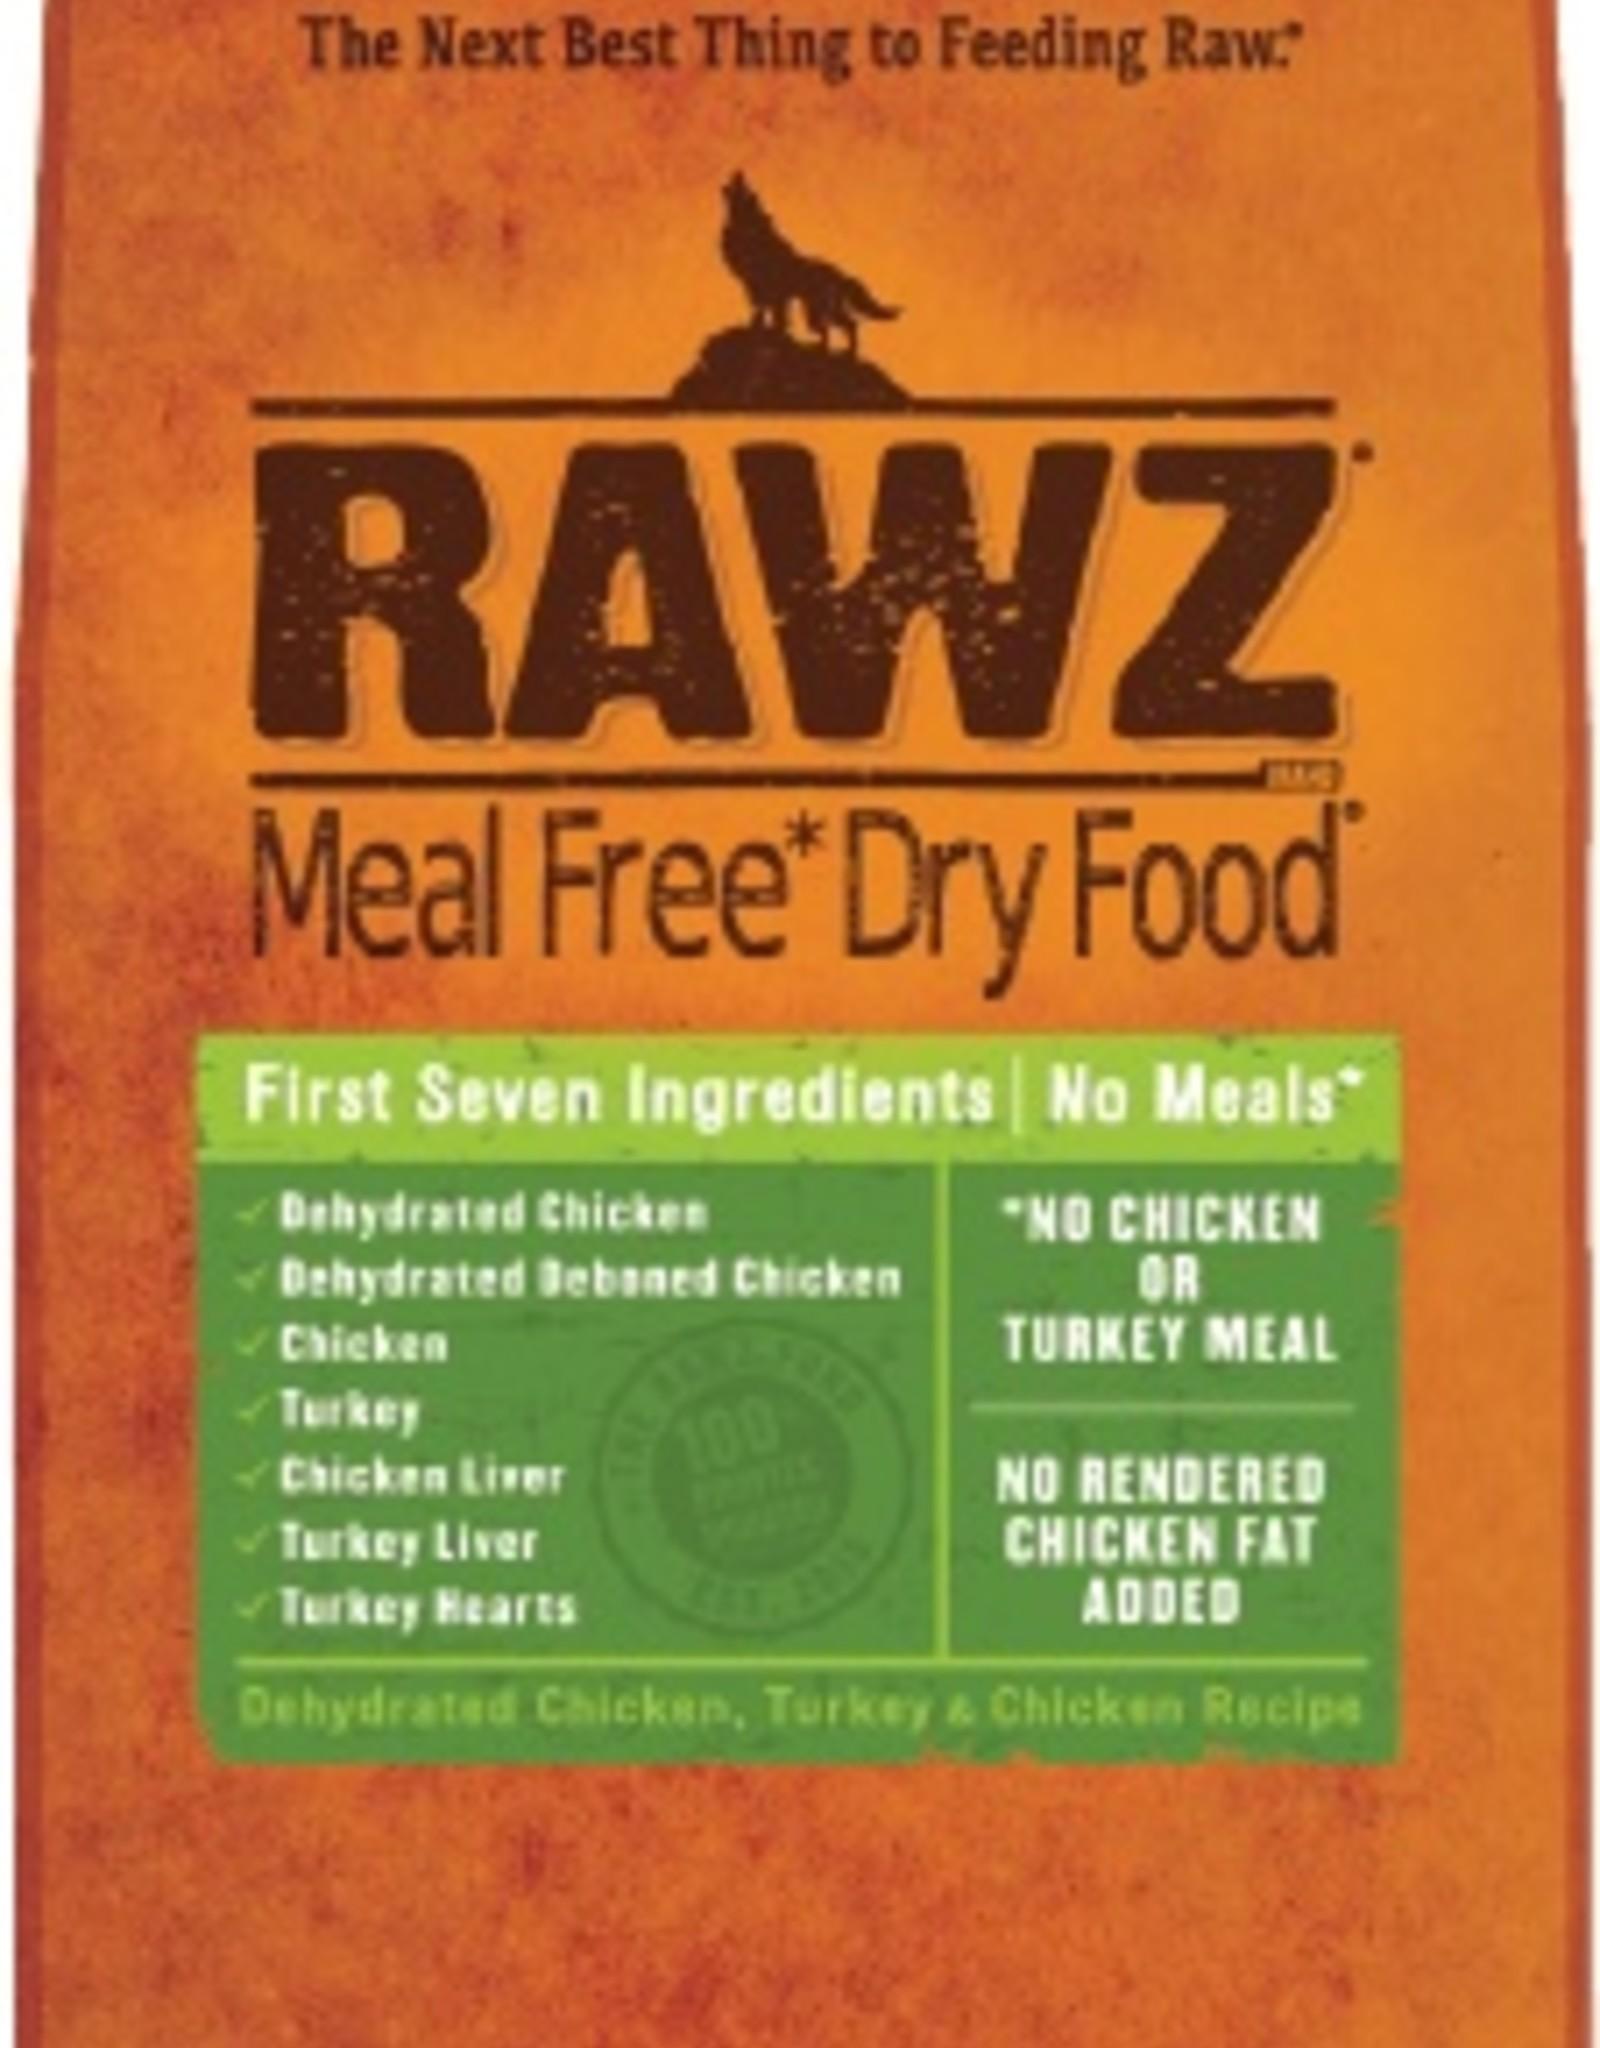 Rawz Rawz Dehydrated Chicken, Turkey & Chicken Recipe